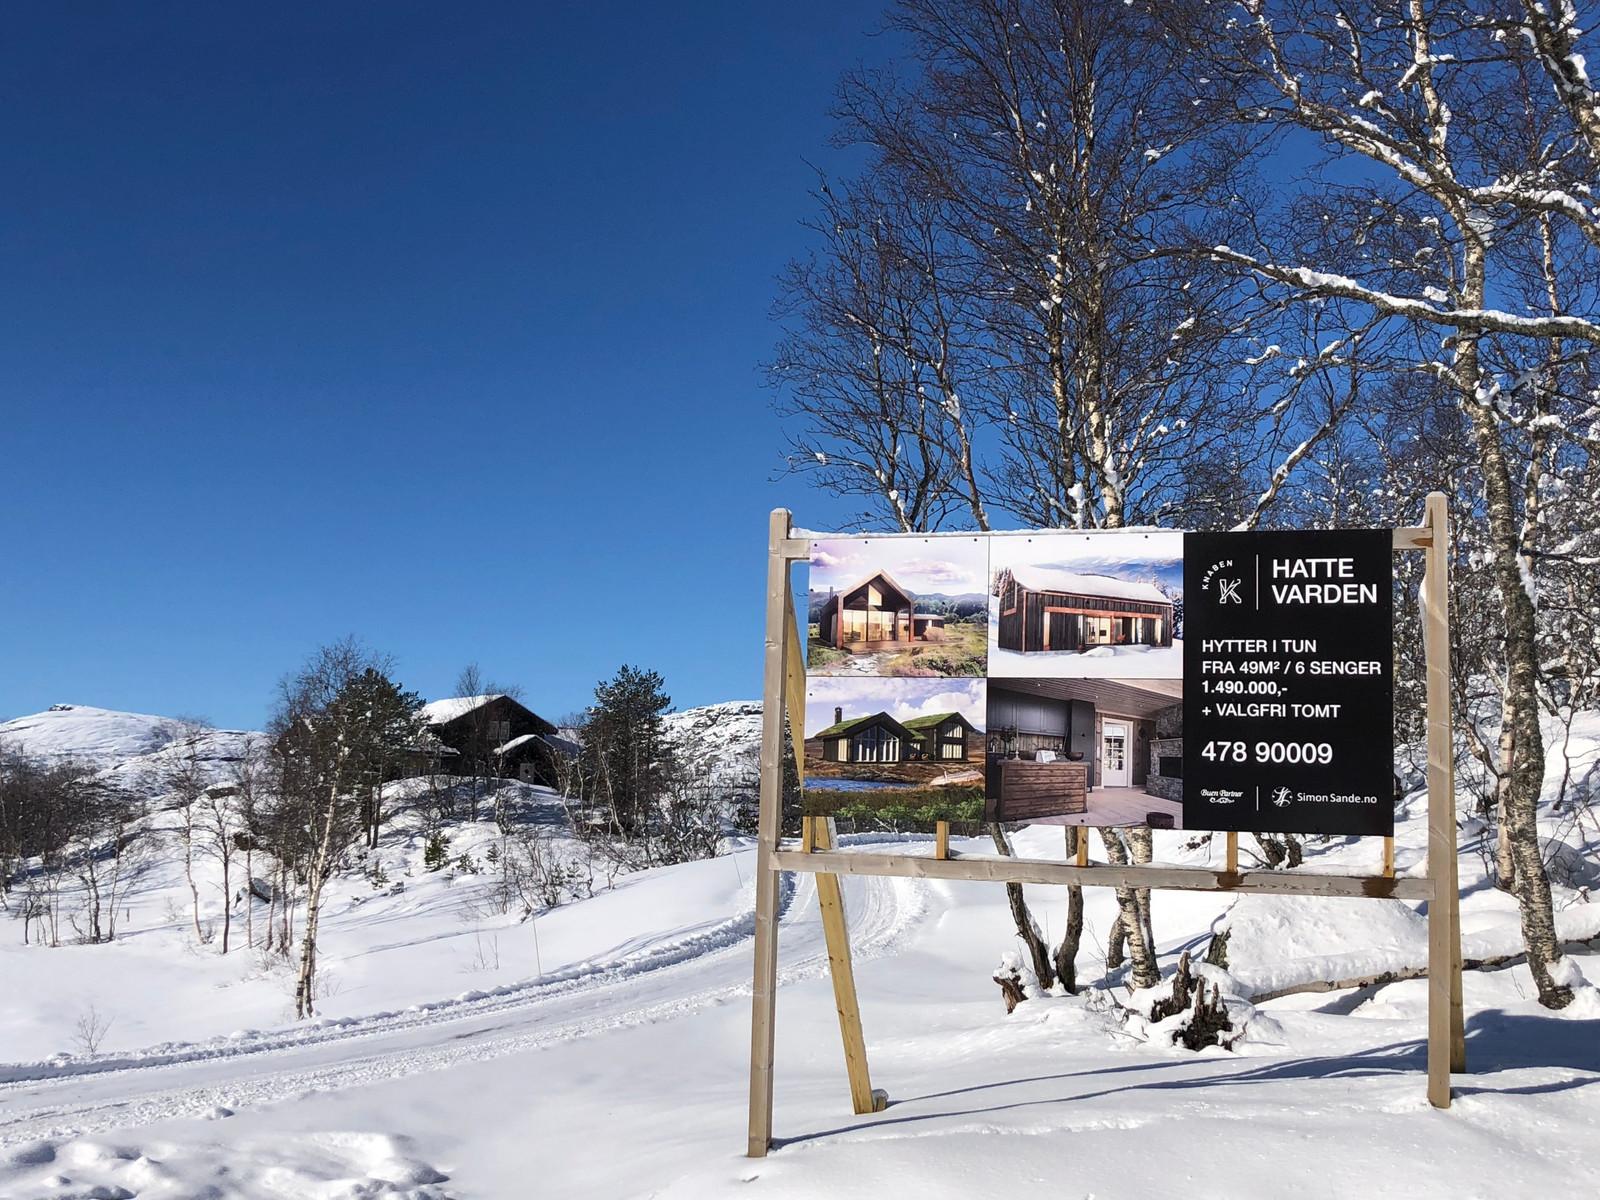 Fra Hattevarden Knaben i mars 2019! Velg mellom over 120 ledige tomter, og våre over 100 hytte modeller. Sammen finner vi hytten som passer for deg og familien!